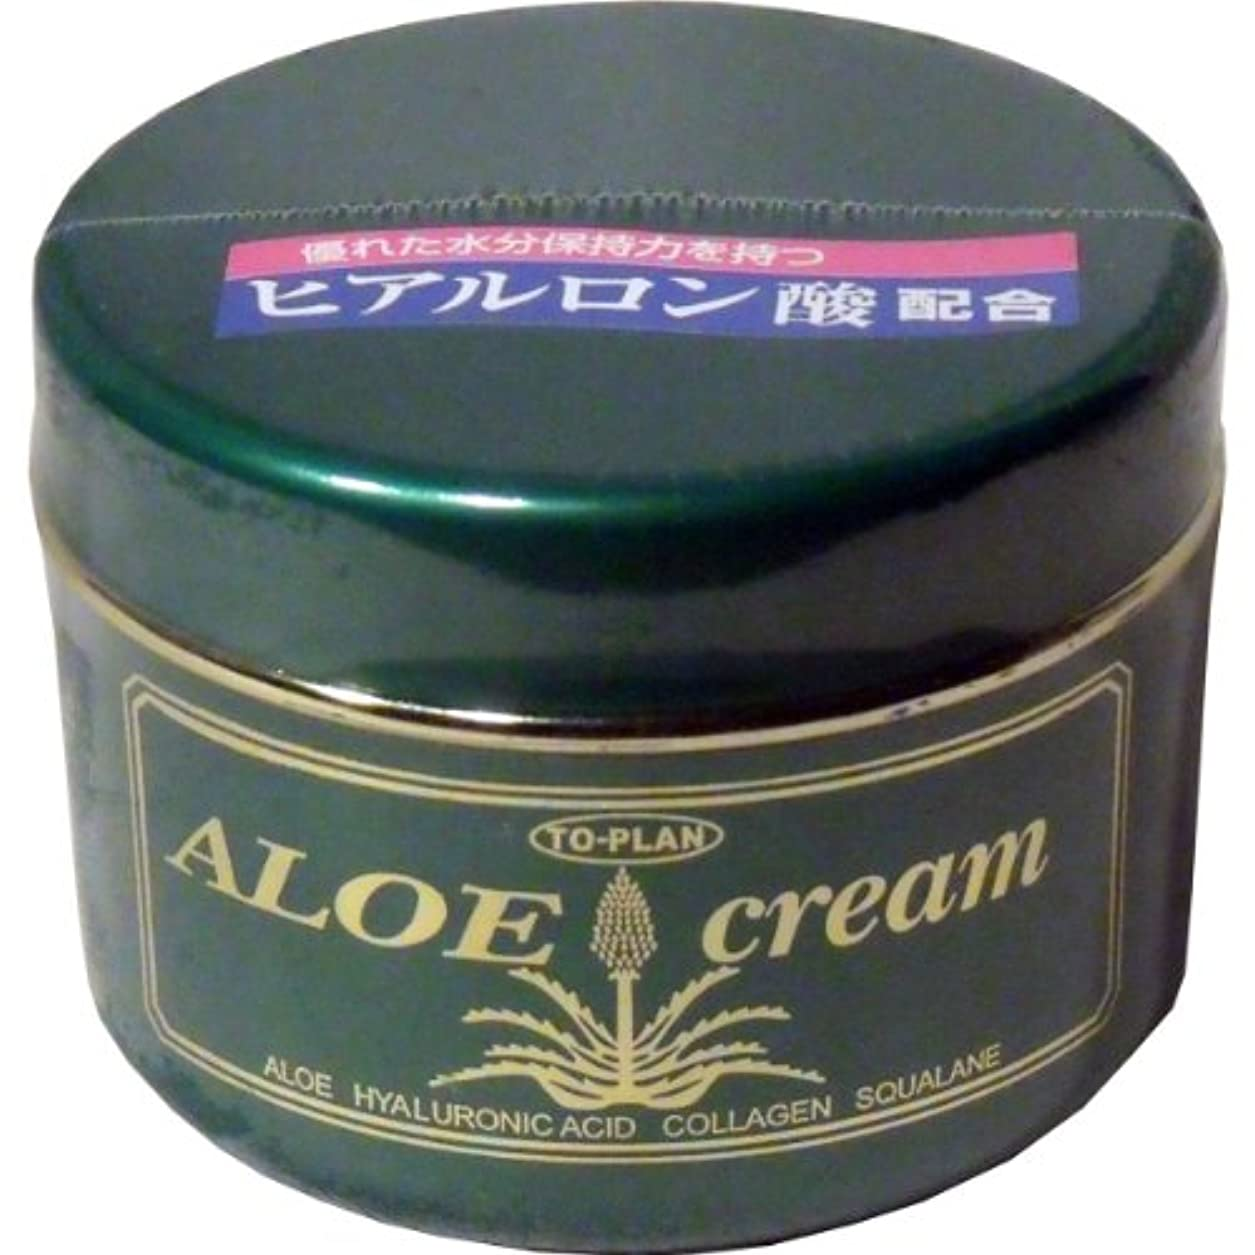 聞く揮発性露出度の高いトプラン ハーブフレッシュクリーム(アロエクリーム) ヒアルロン酸 170g ×3個セット